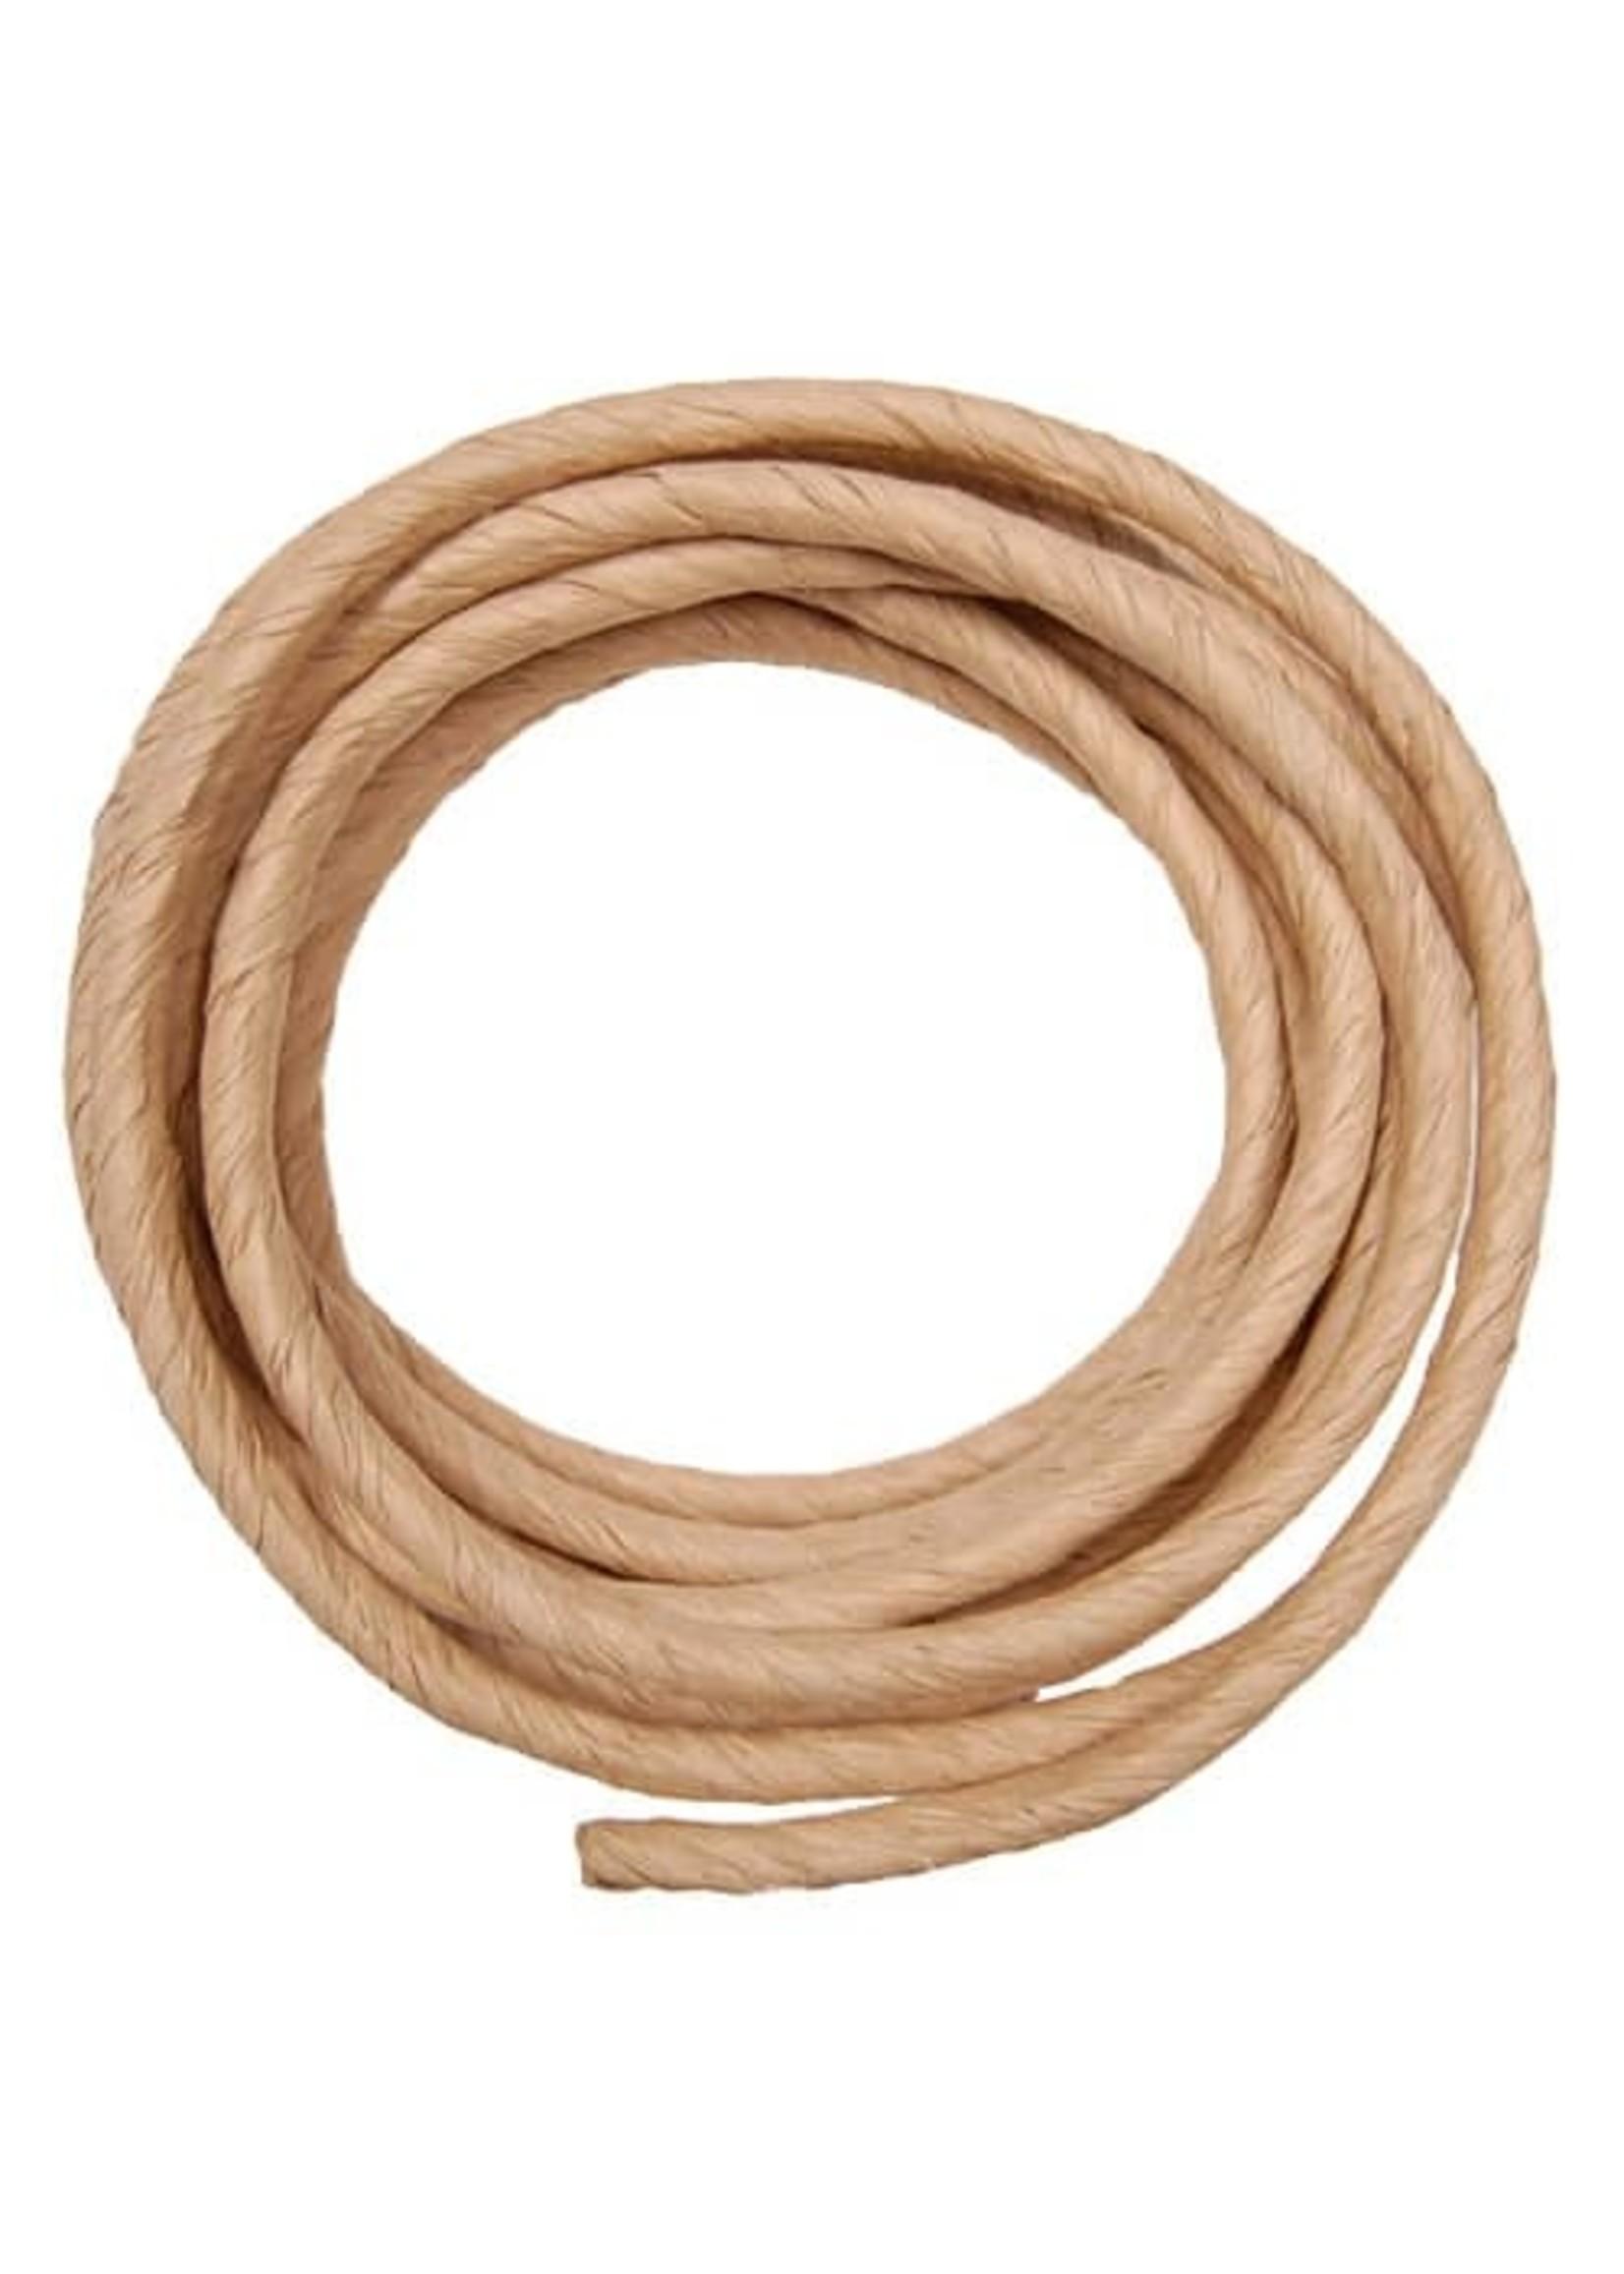 Zoo-Max Zoo Max Natural Paper Rope (.450″-7/16″)